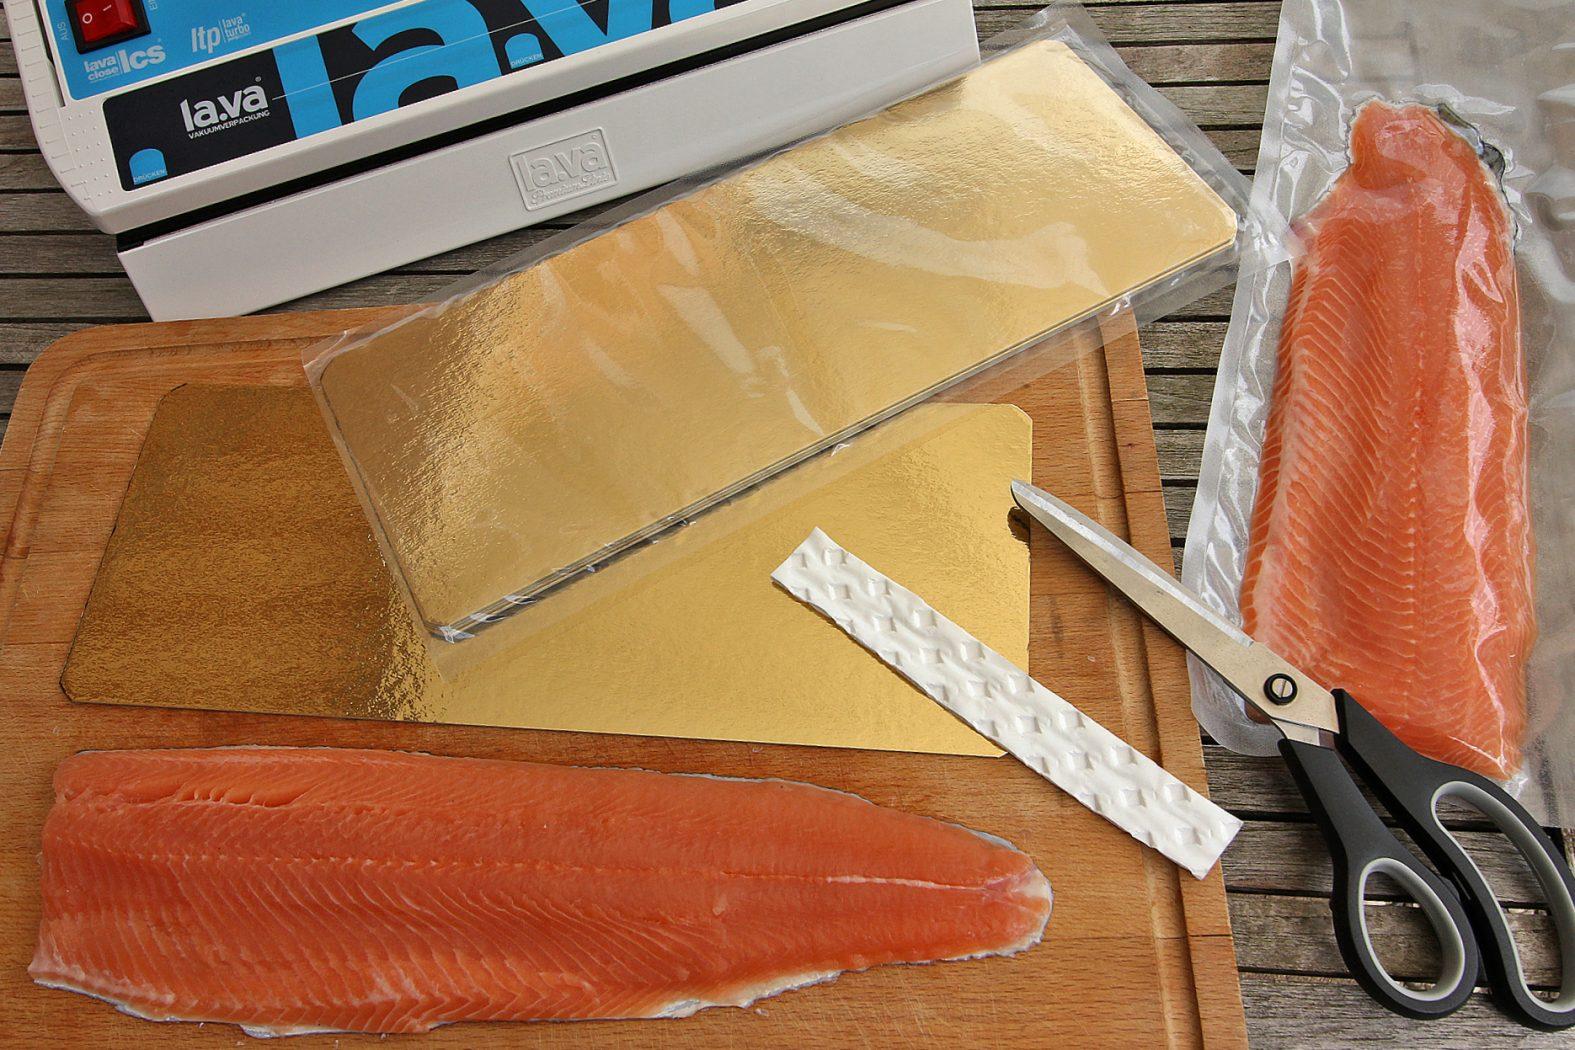 Tipps zum Fisch vakuumieren